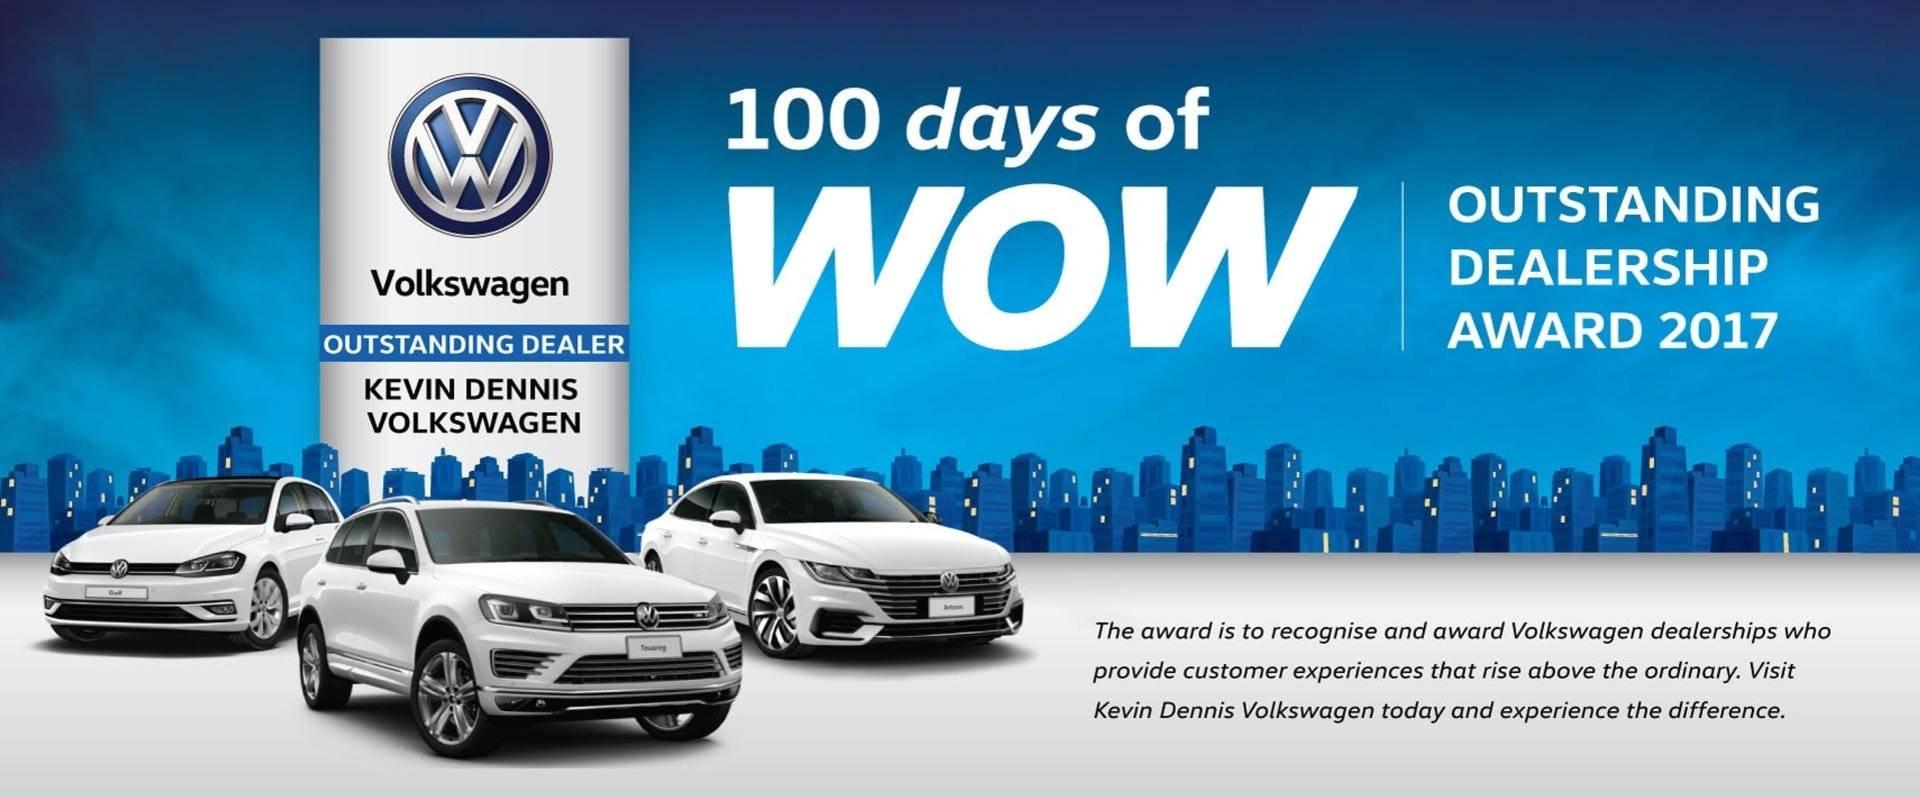 Kevin Dennis Volkswagen 100 days